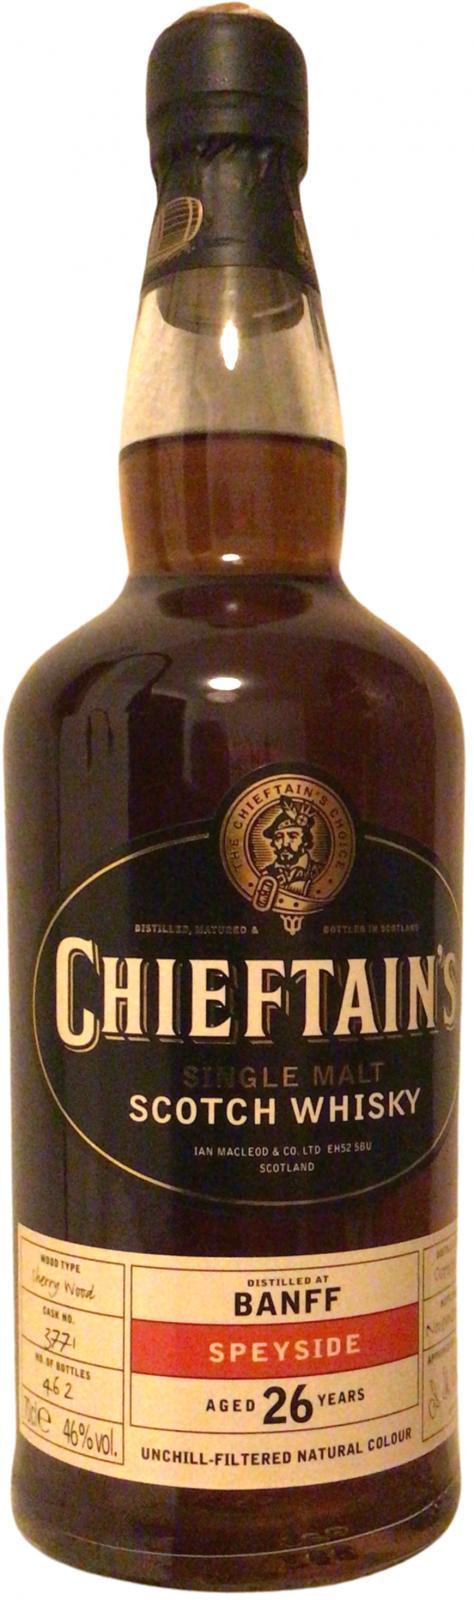 Chieftain's 1978 IM